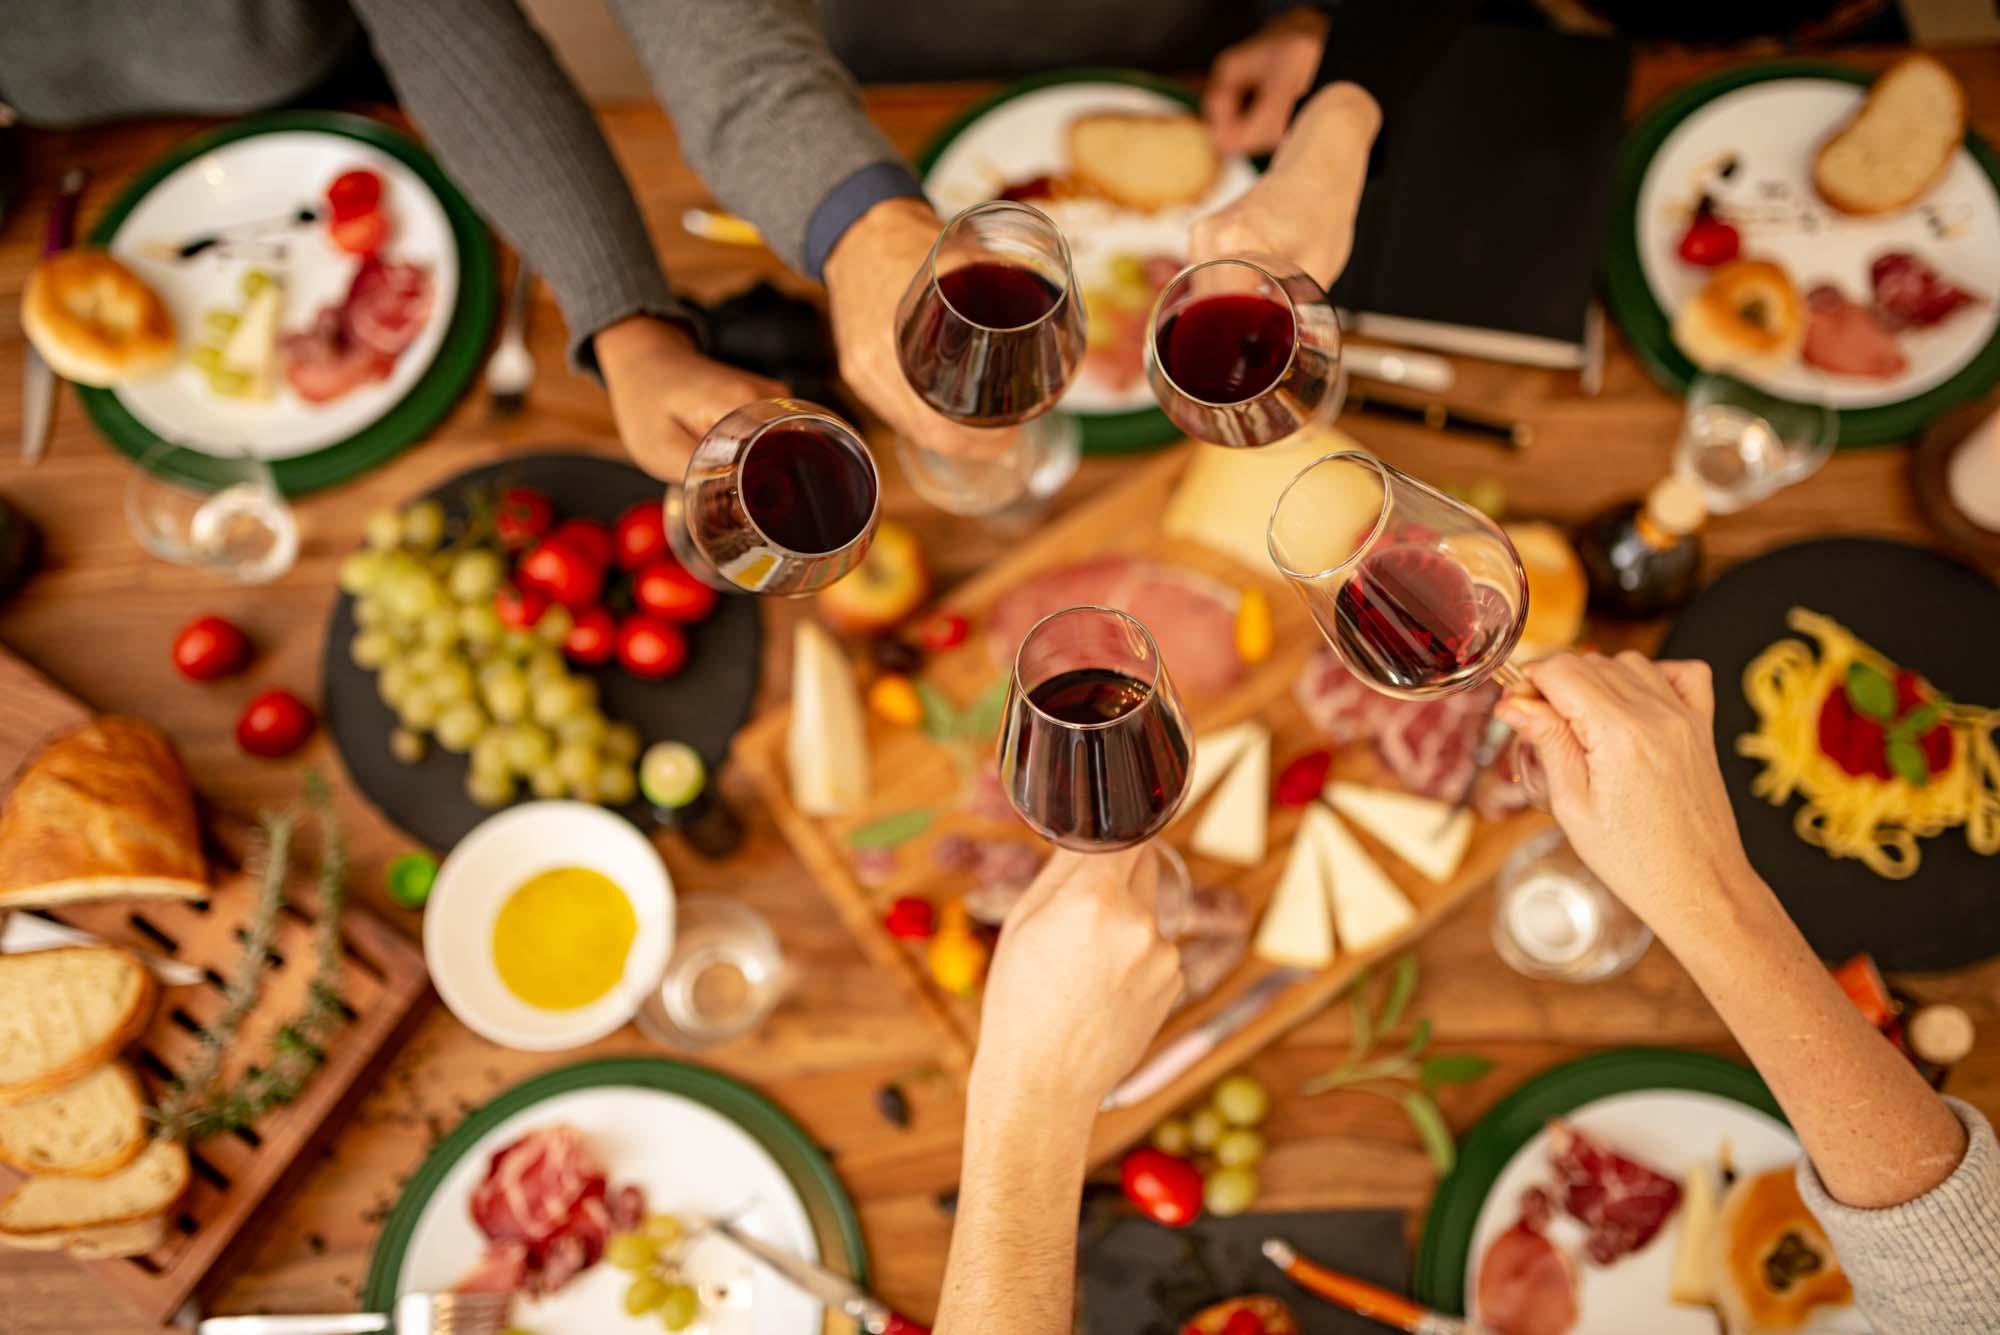 Degustazioni Enogastronomiche Cene Aziendali a Parma